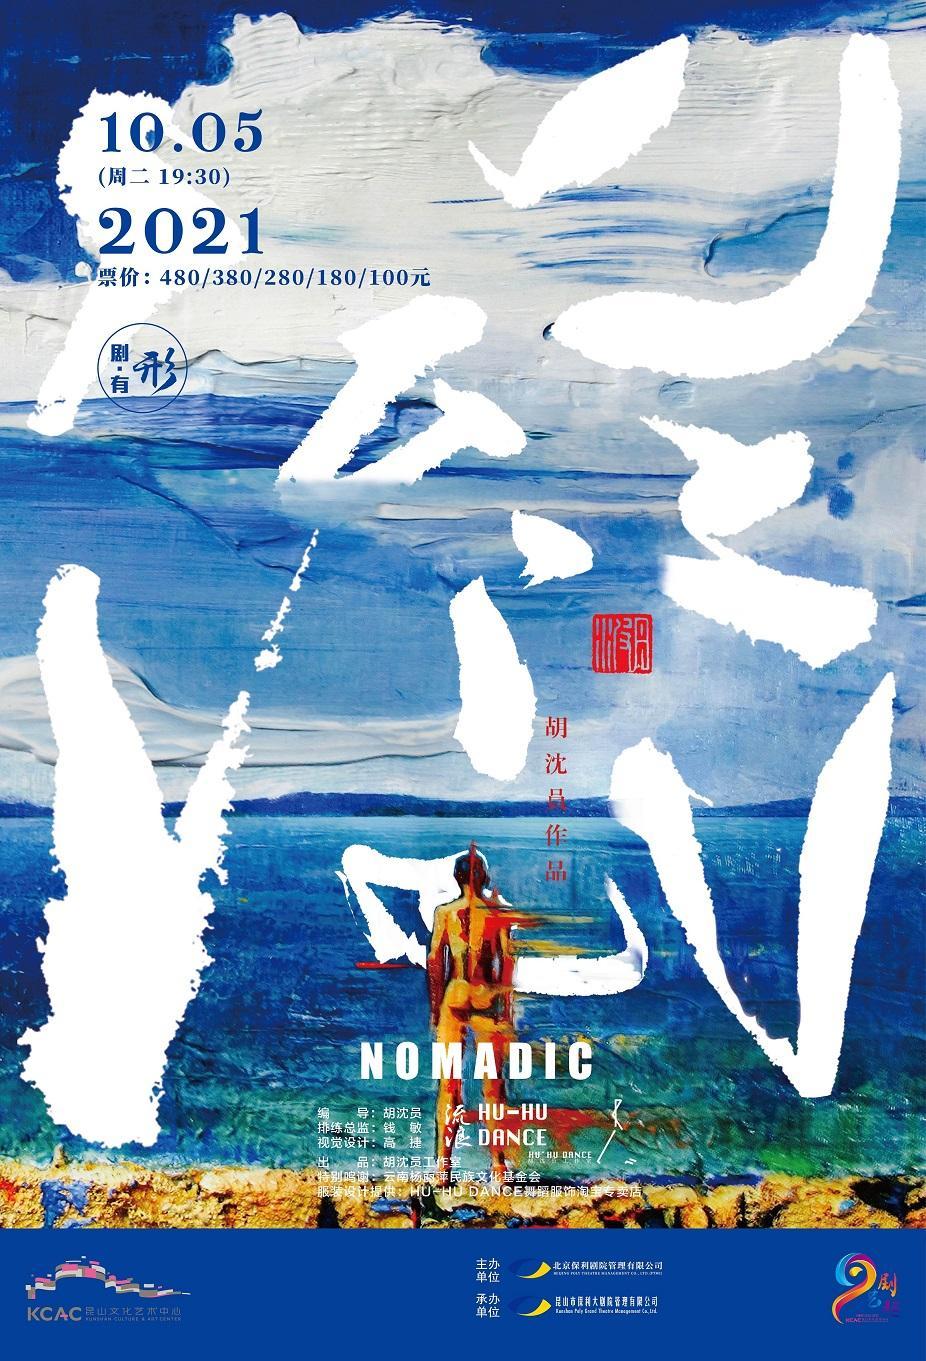 胡沈员作品《流浪Nomadic》